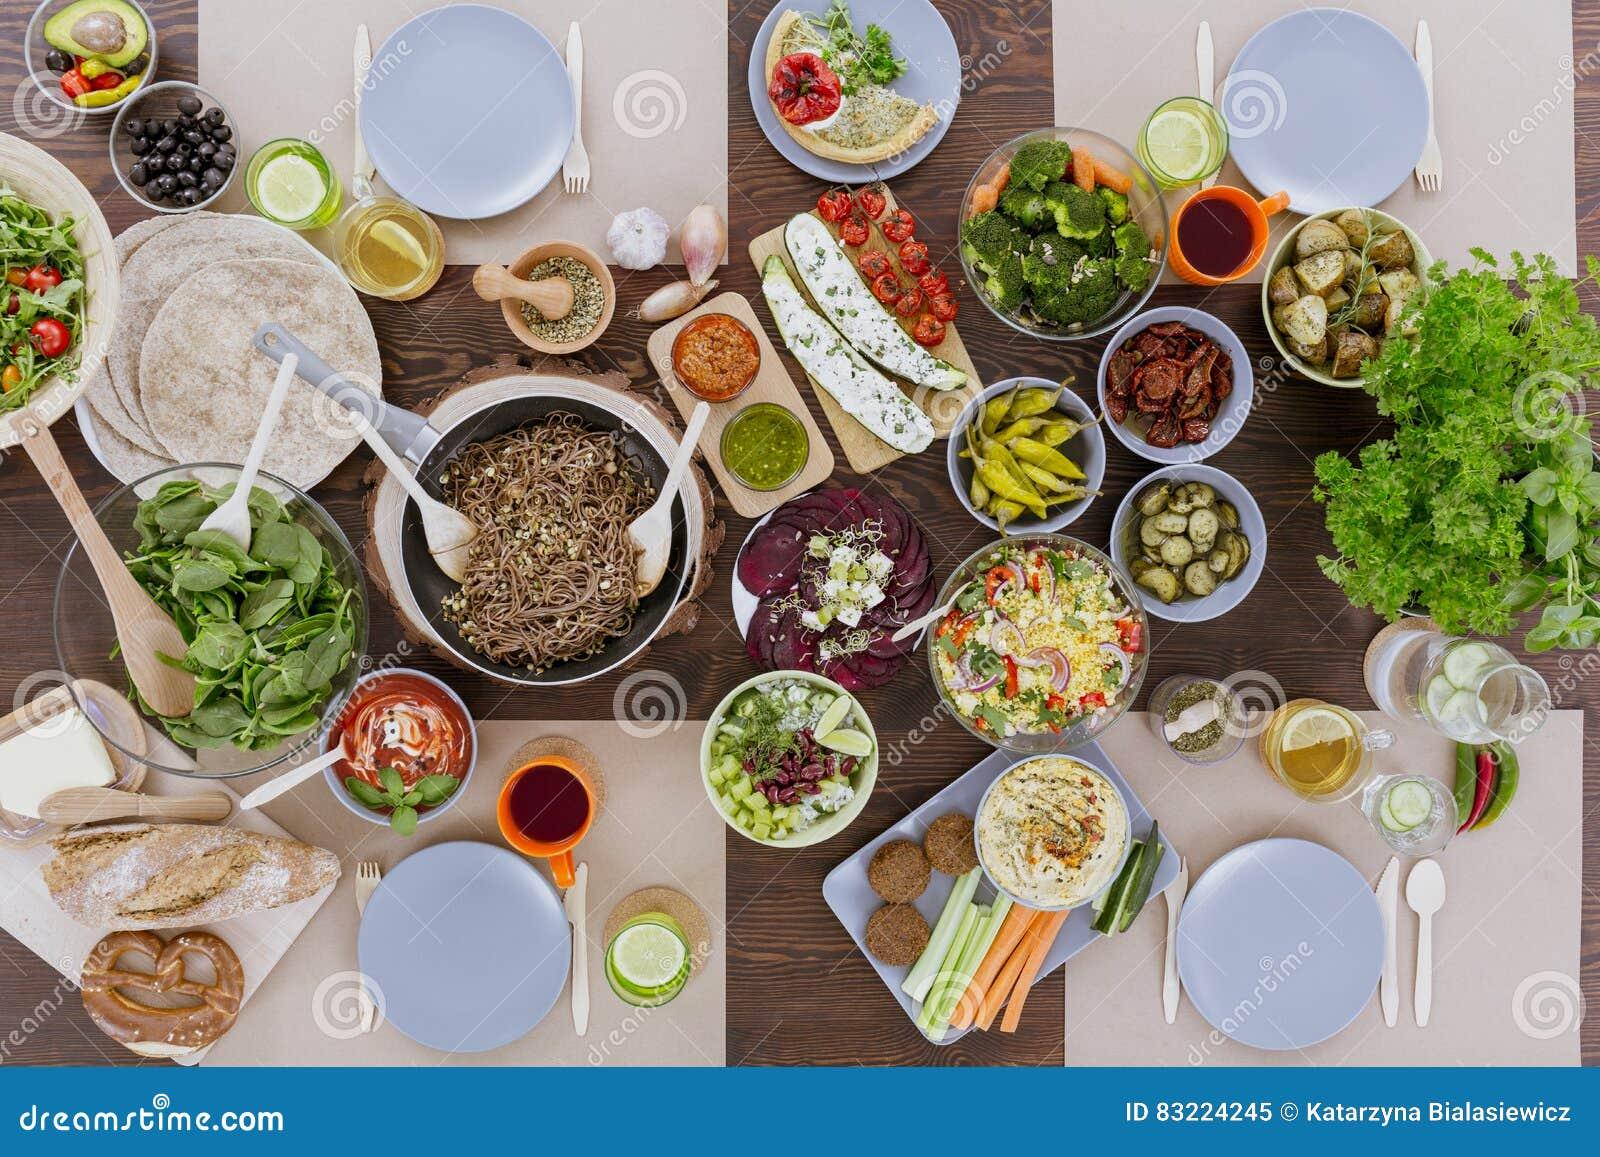 Divers plats végétariens sur la table